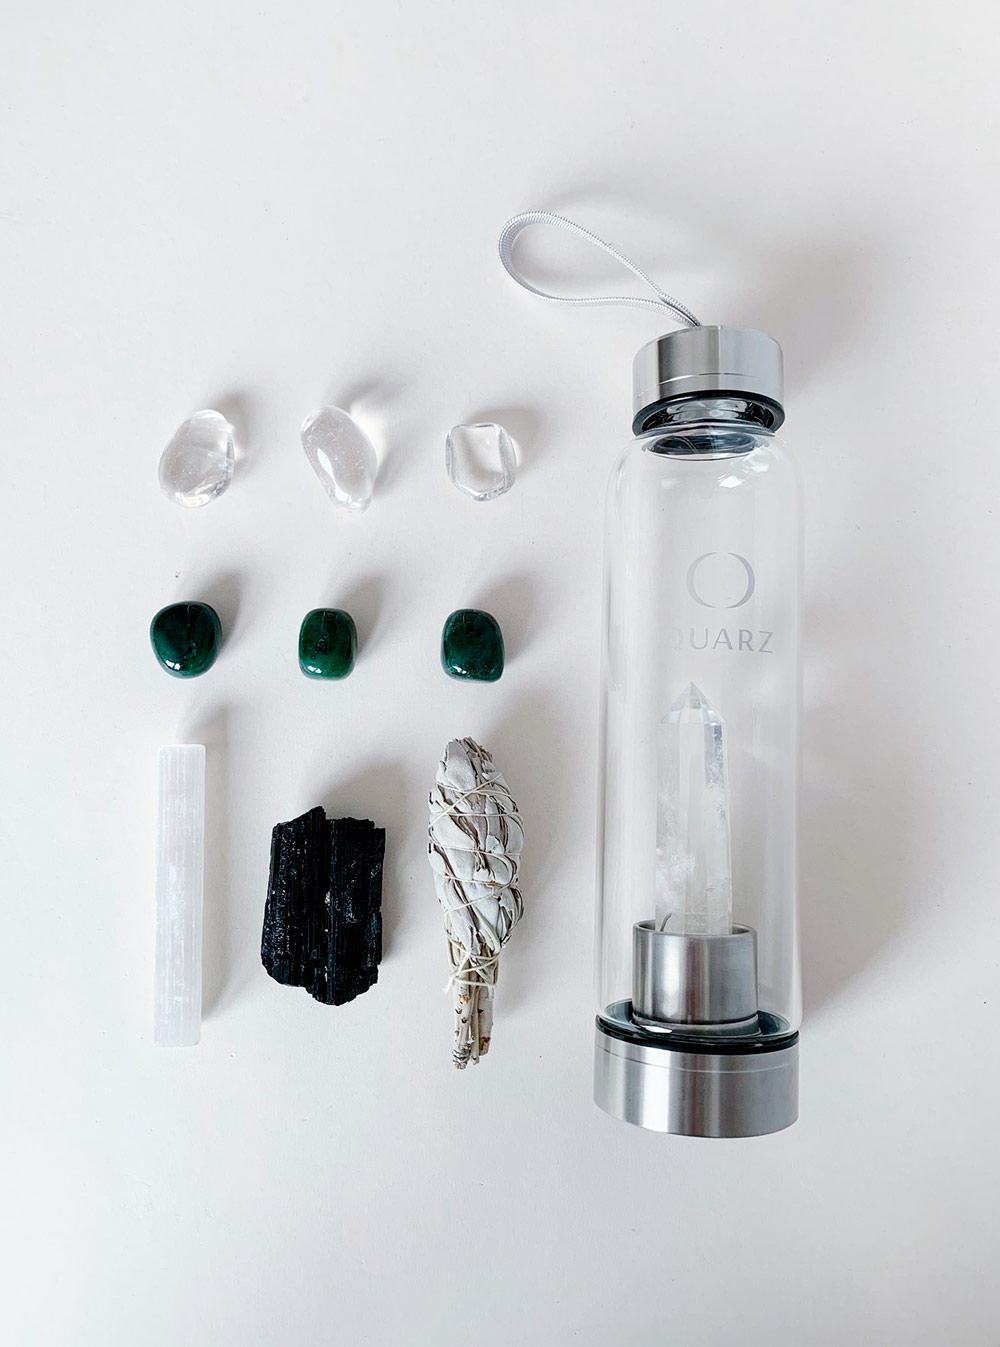 Так выглядят наборы Quarz — бутылка с прозрачным кристаллом, палочка селенита, черный турмалин